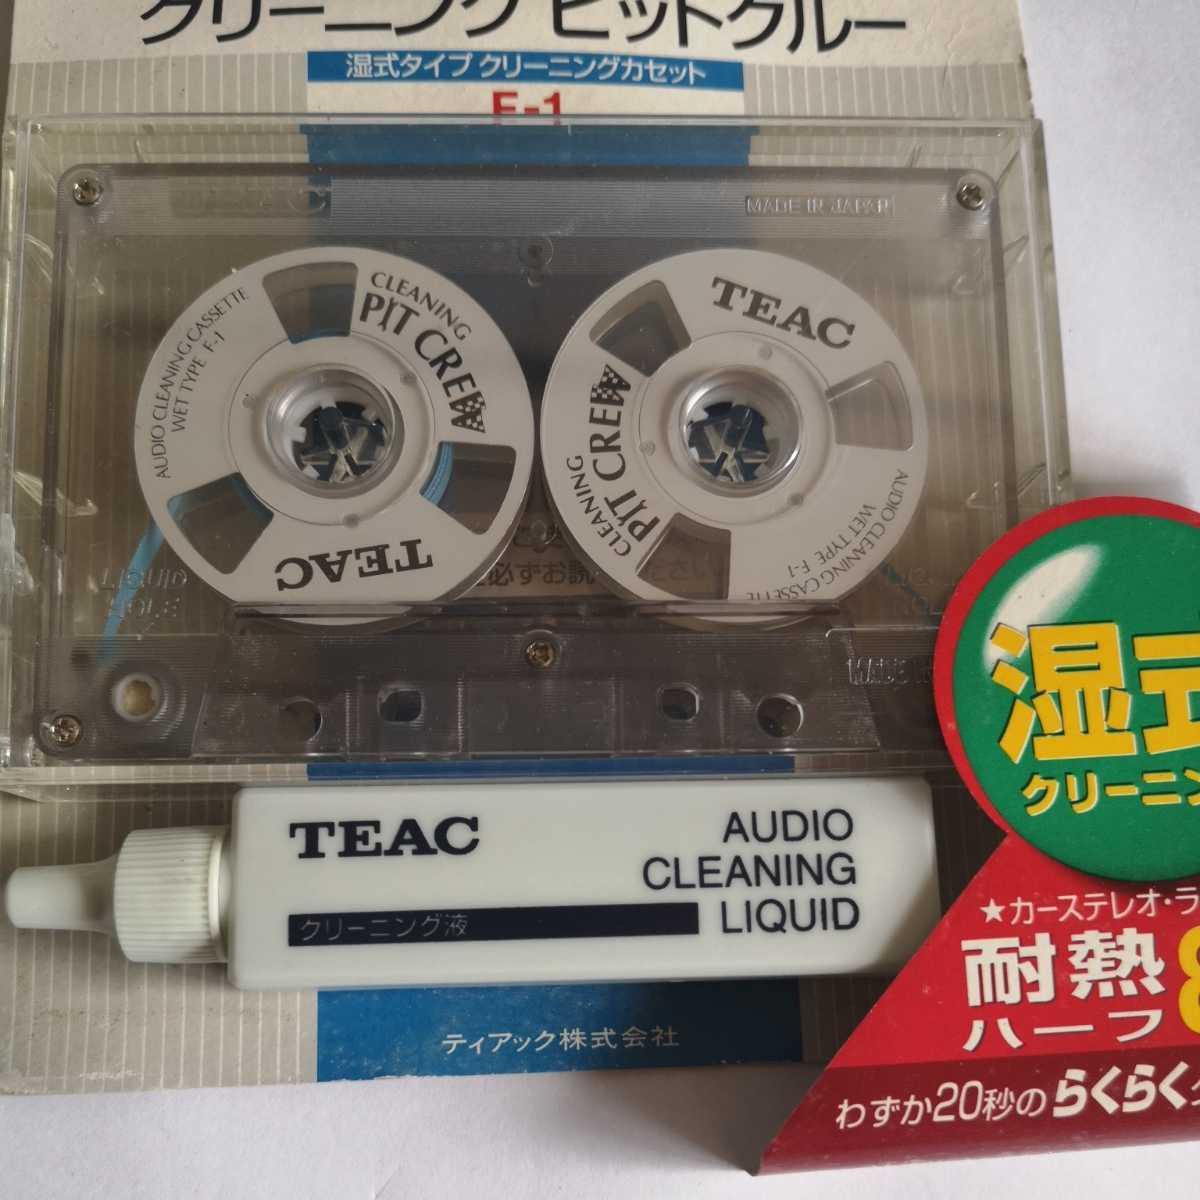 カセットテープ オープンリール TEAC F-1 ピットクルー ティアック クリーニング カセット 中古_画像2